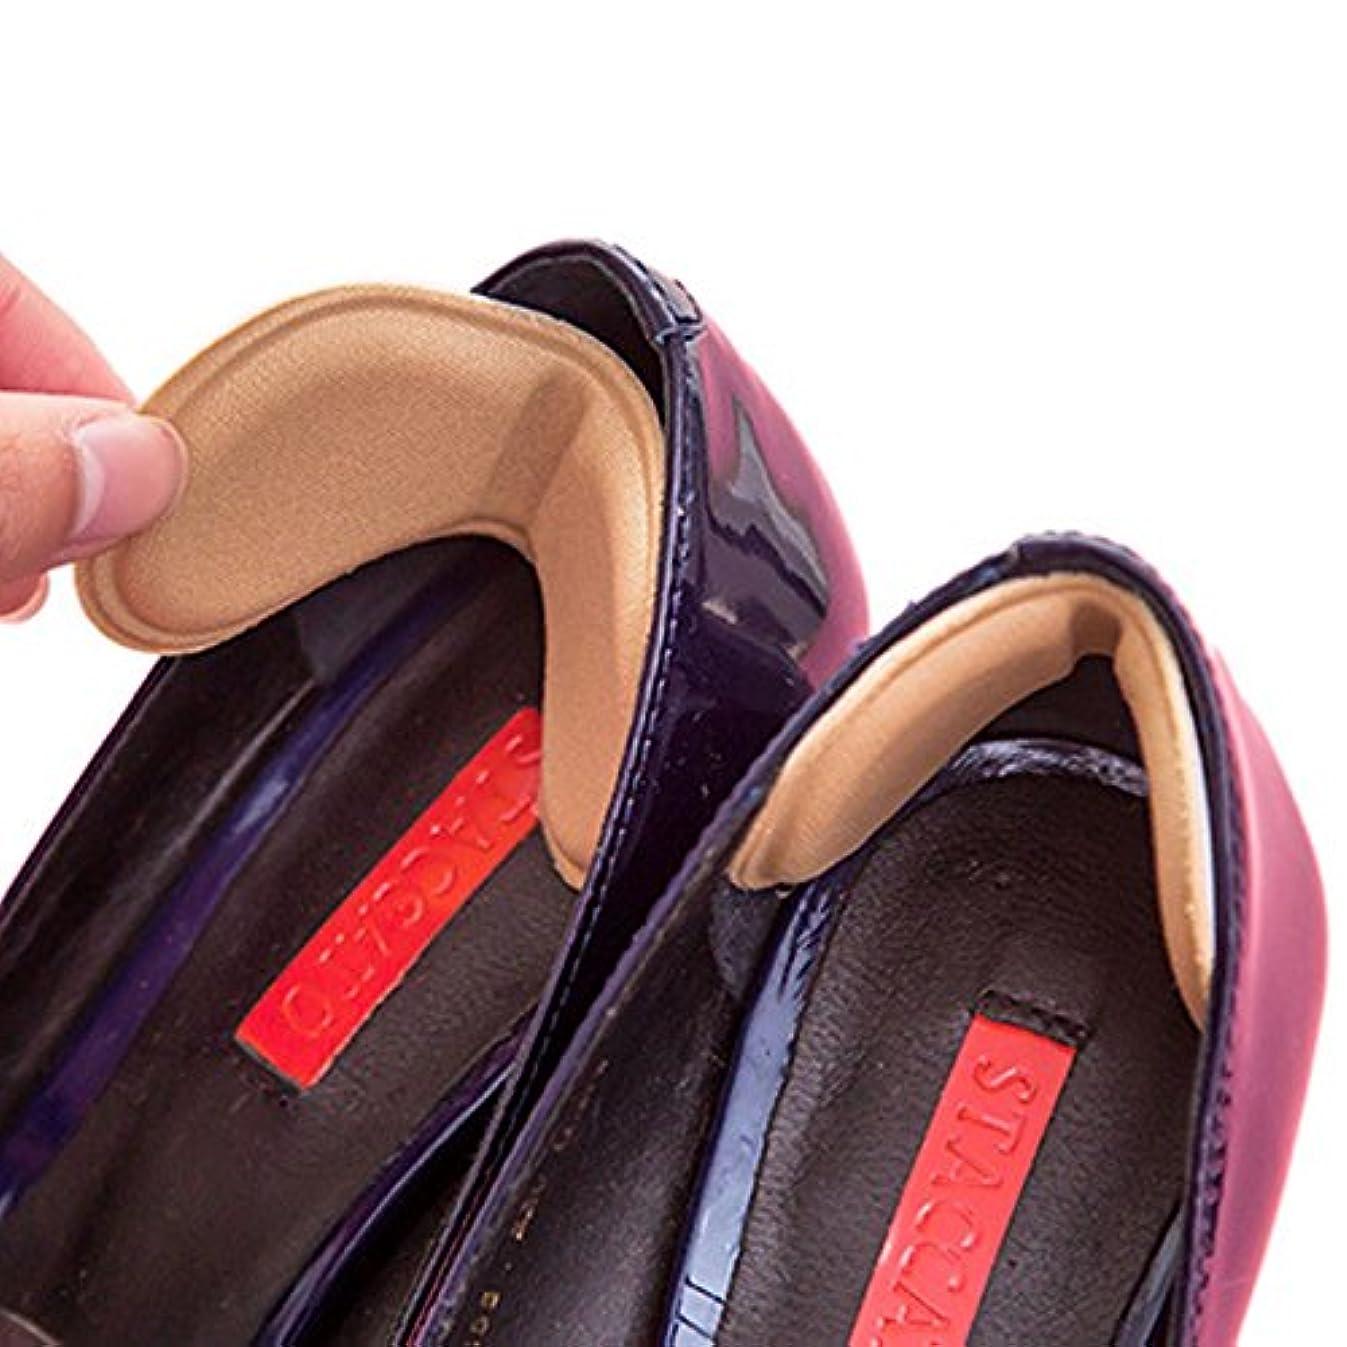 巡礼者容赦ないまた明日ね靴擦れ 半張りパッド 靴擦れ防止 防止かかと パカパカ防止 ハイヒール用 足裏保護 インソール 靴のサイズ調整 四組入り